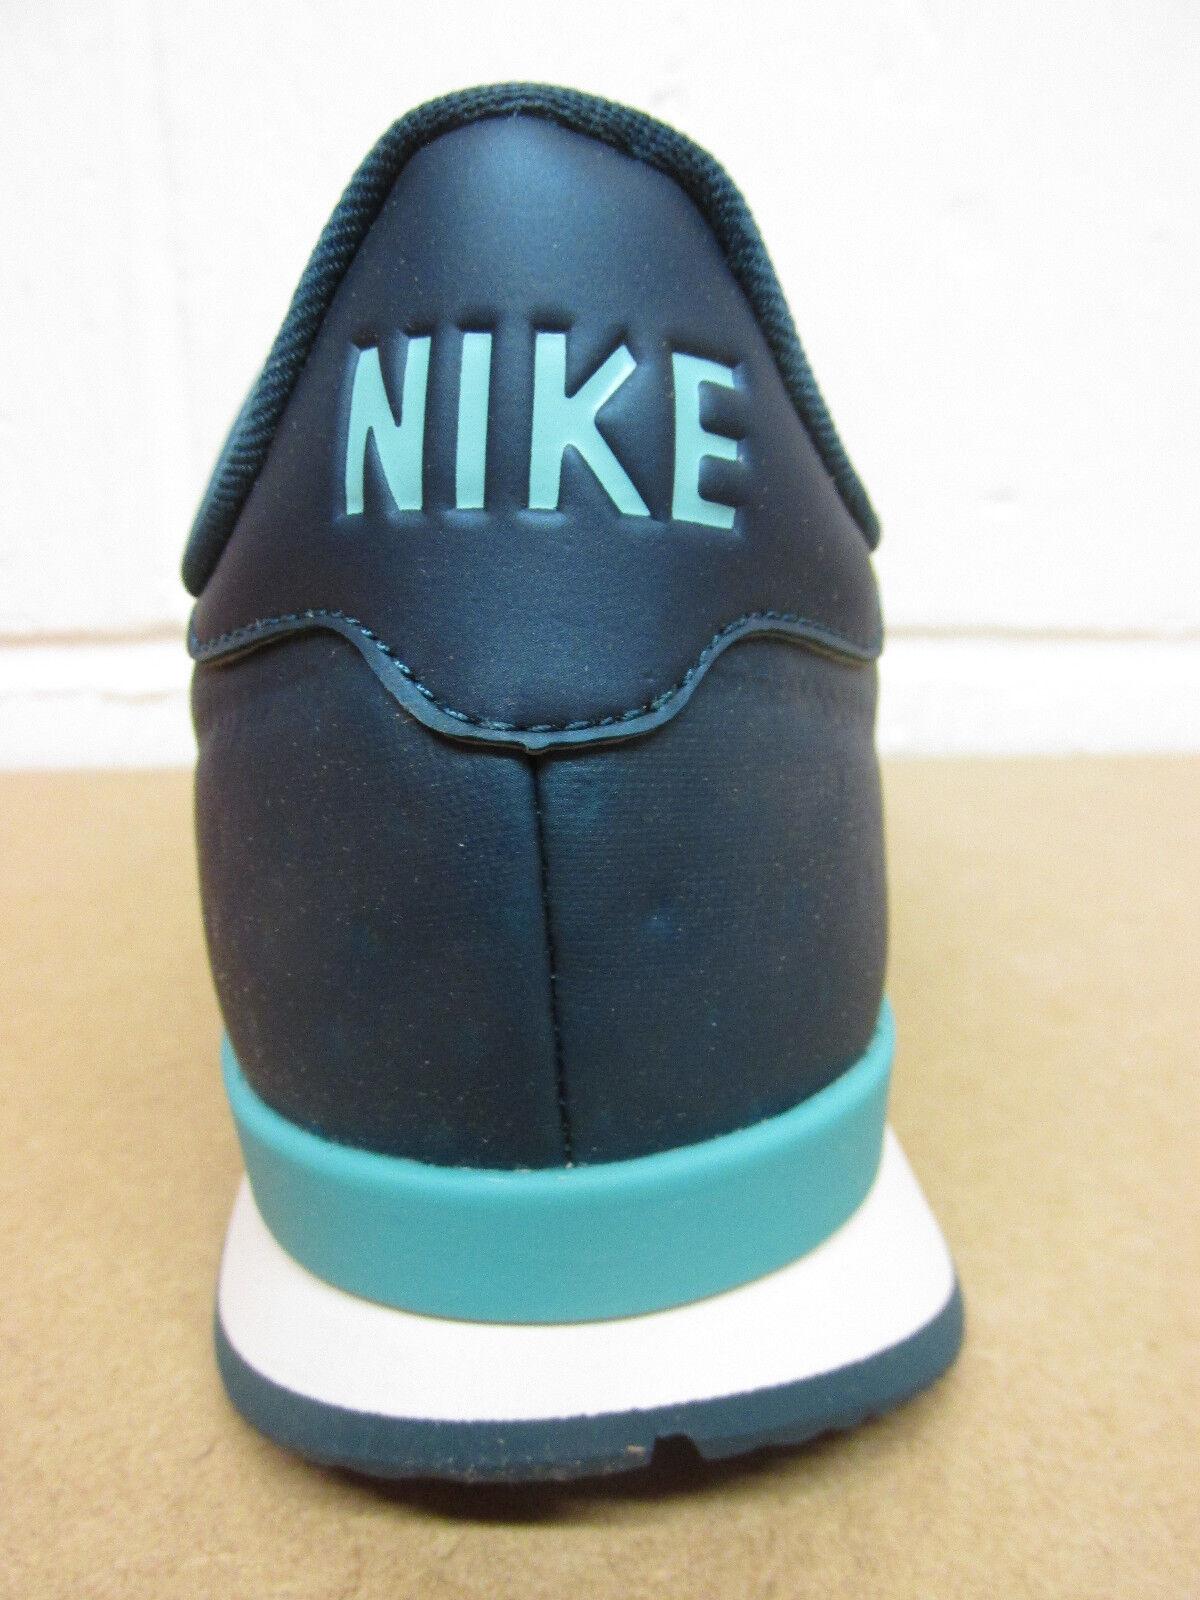 Nike Damenschuhe 859544 Internationalist JCRD Winter Trainers 859544 Damenschuhe 901 Sneakers Schuhes 1d2d35